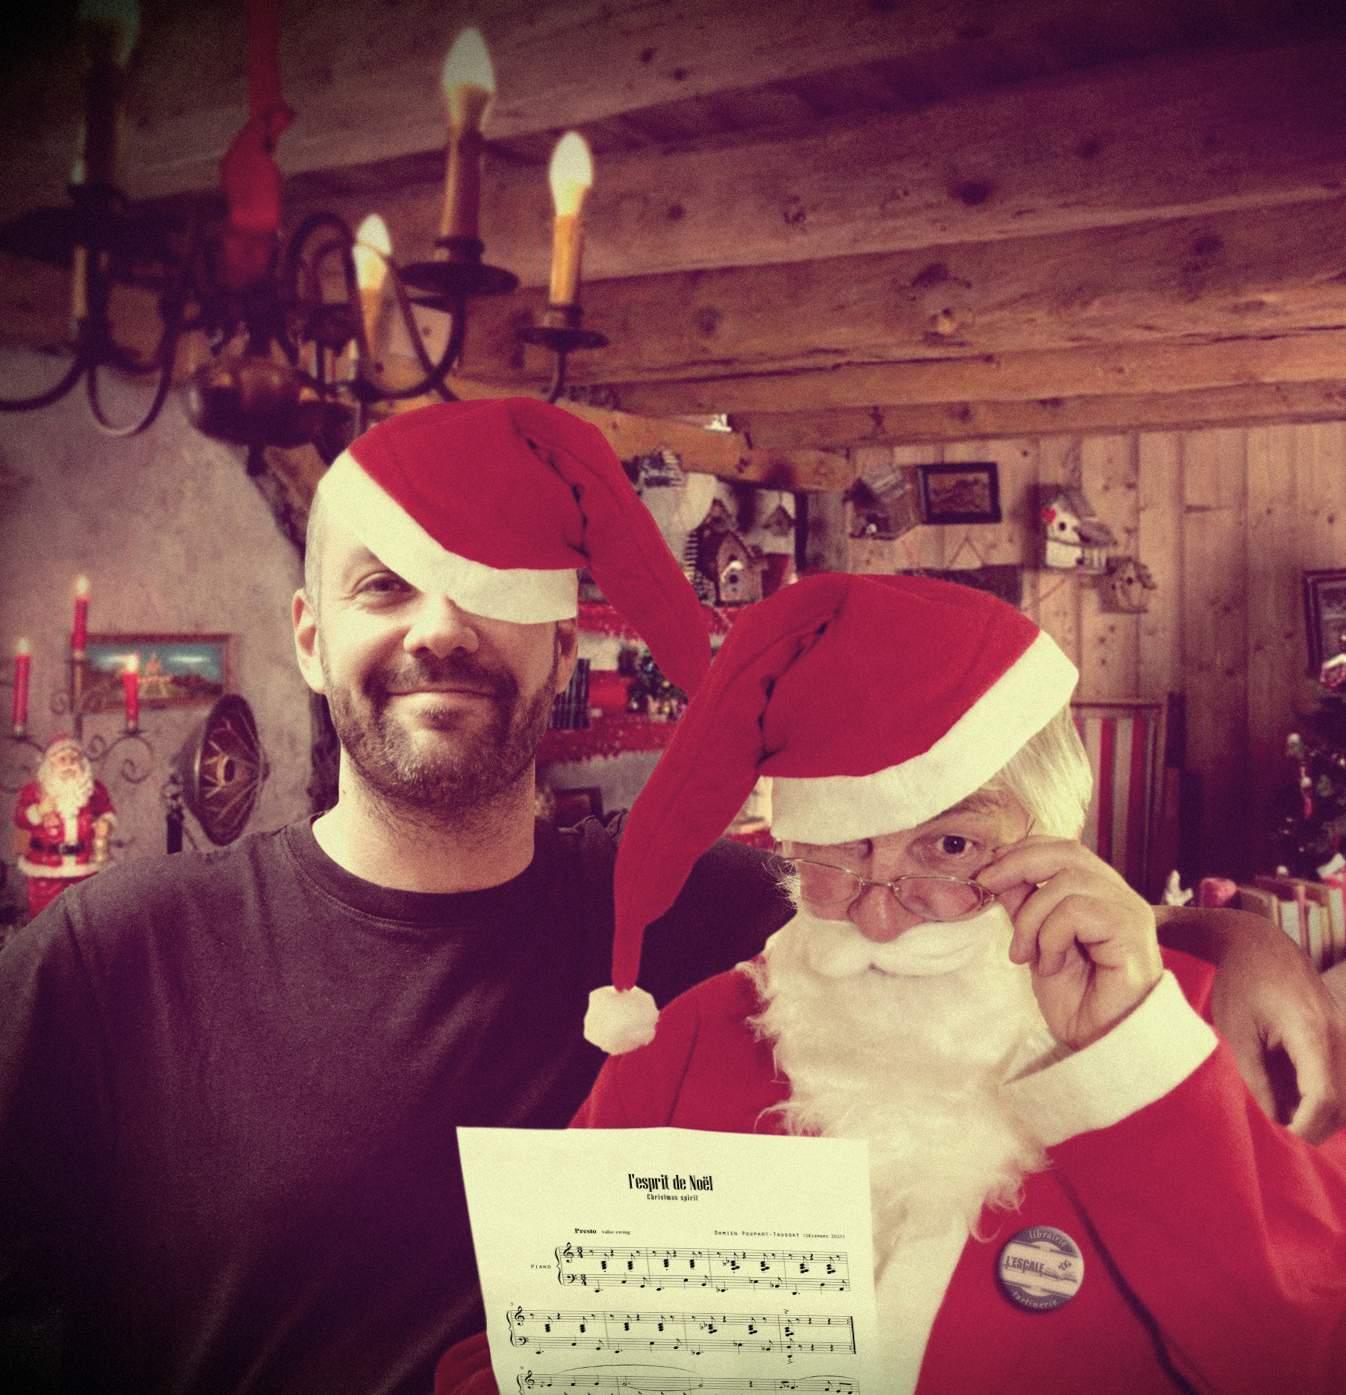 POUPART-TAUSSAT, Damien: Christmas spirit